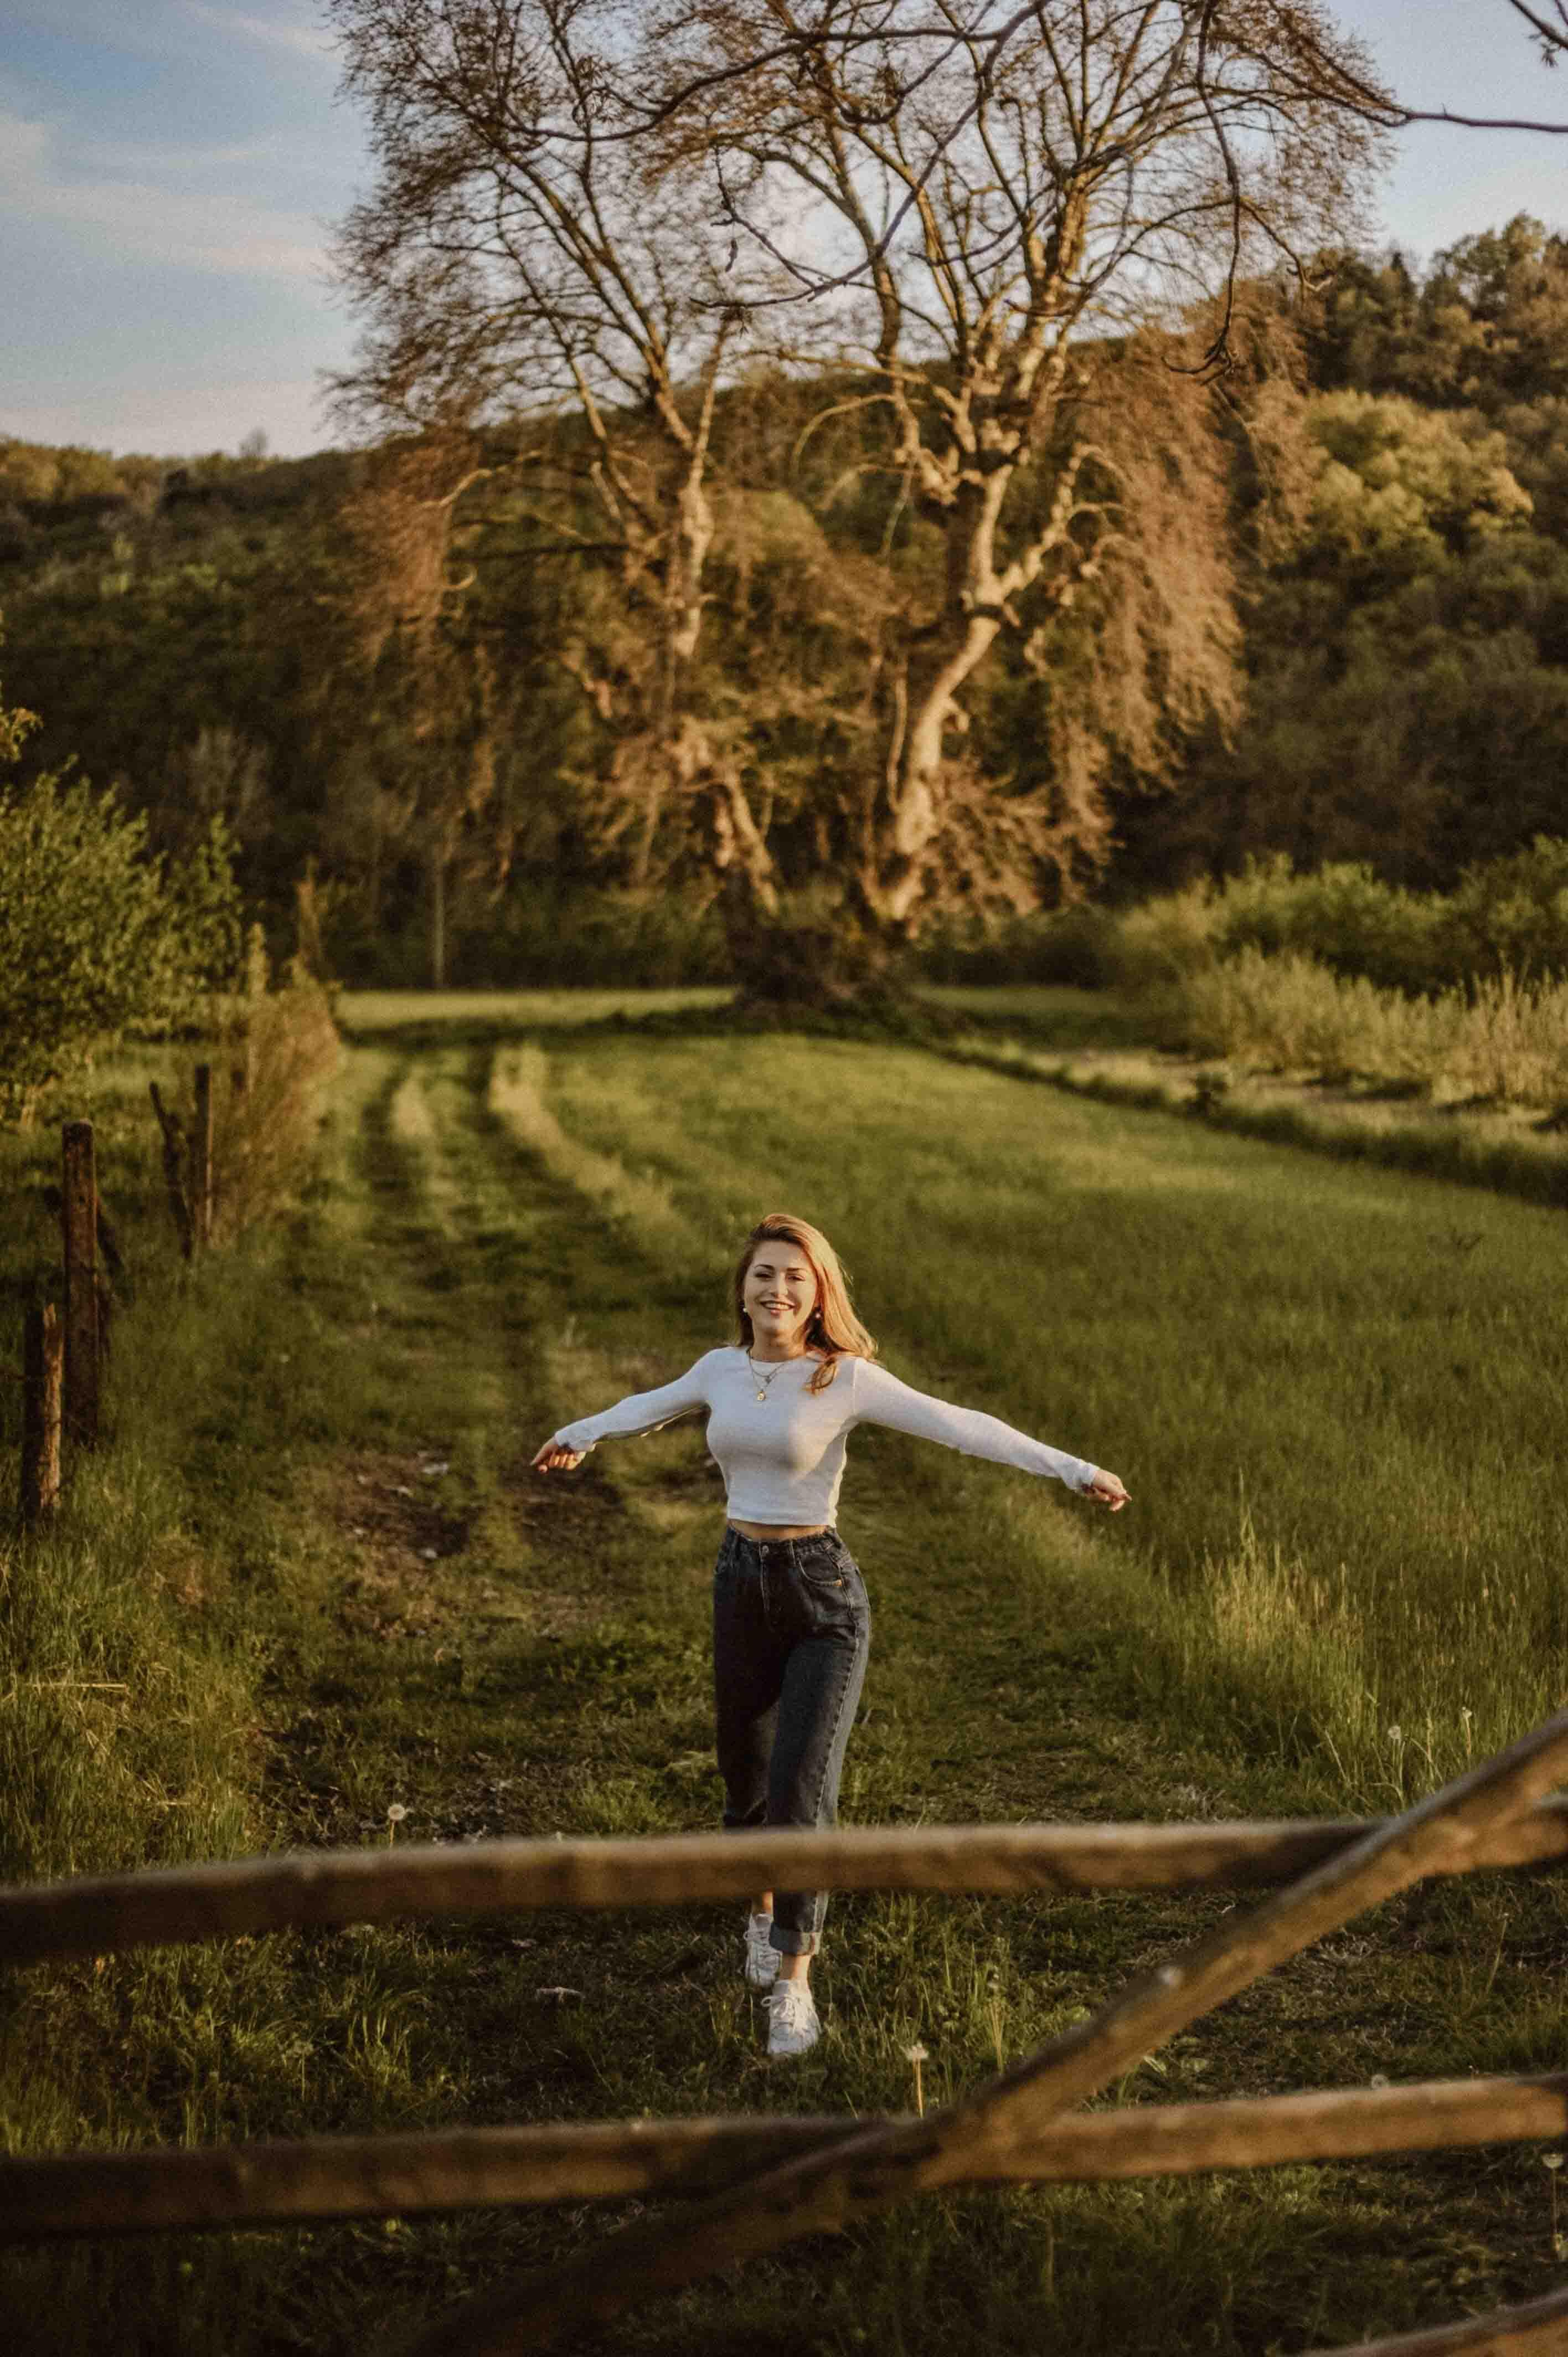 cung hoàng đạo cô gái ở cánh đồng